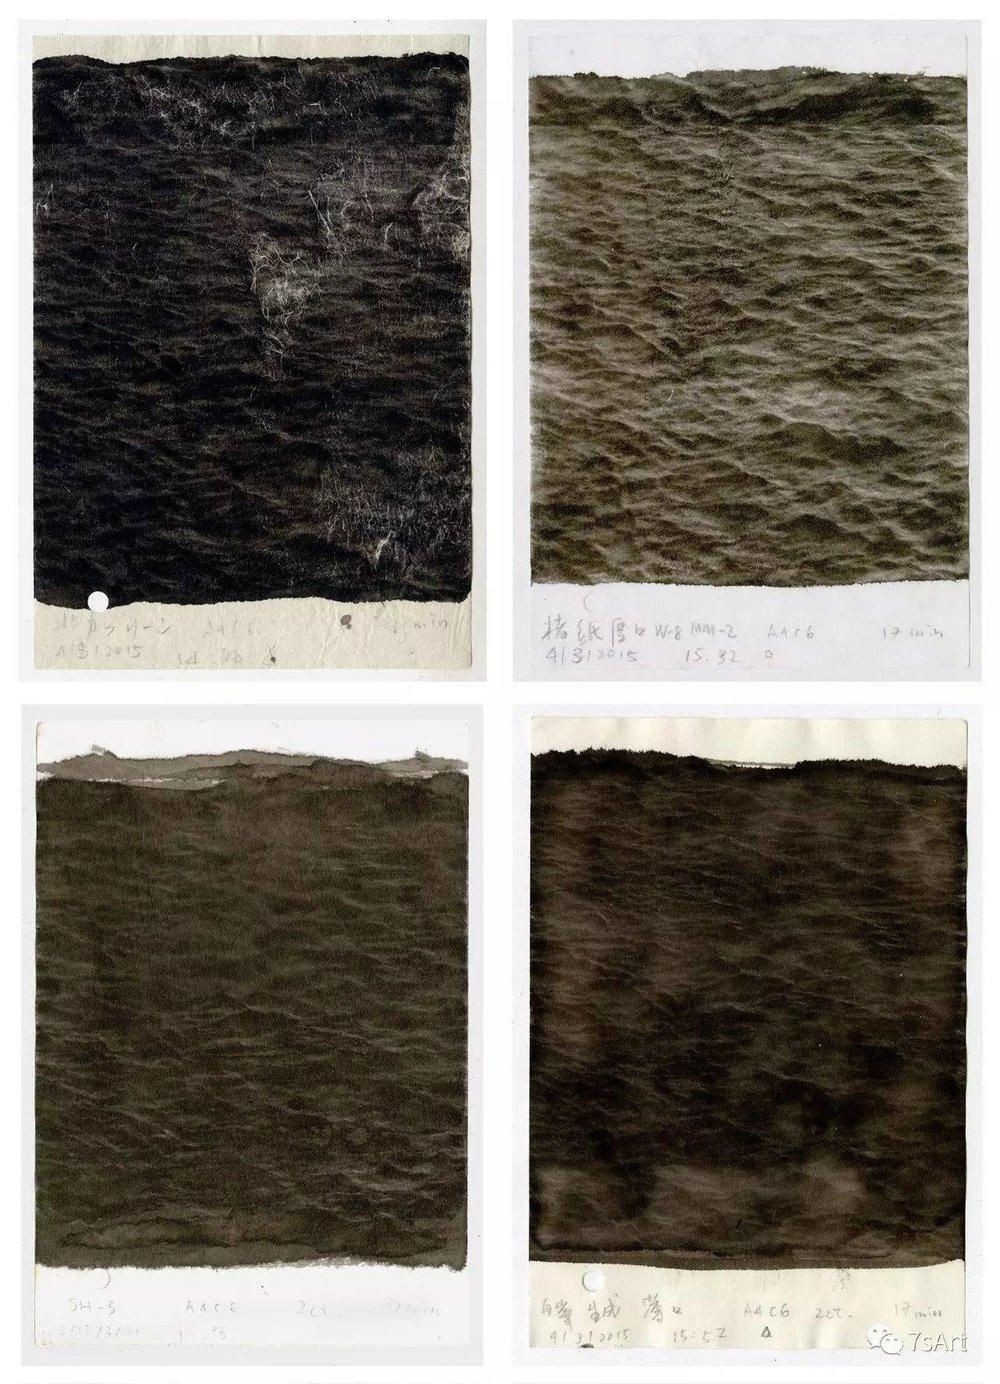 刘呗宁, Chants ,10.5x15cm/张 共50张,纸本 铂金印相法,2015. ©2017 刘呗宁